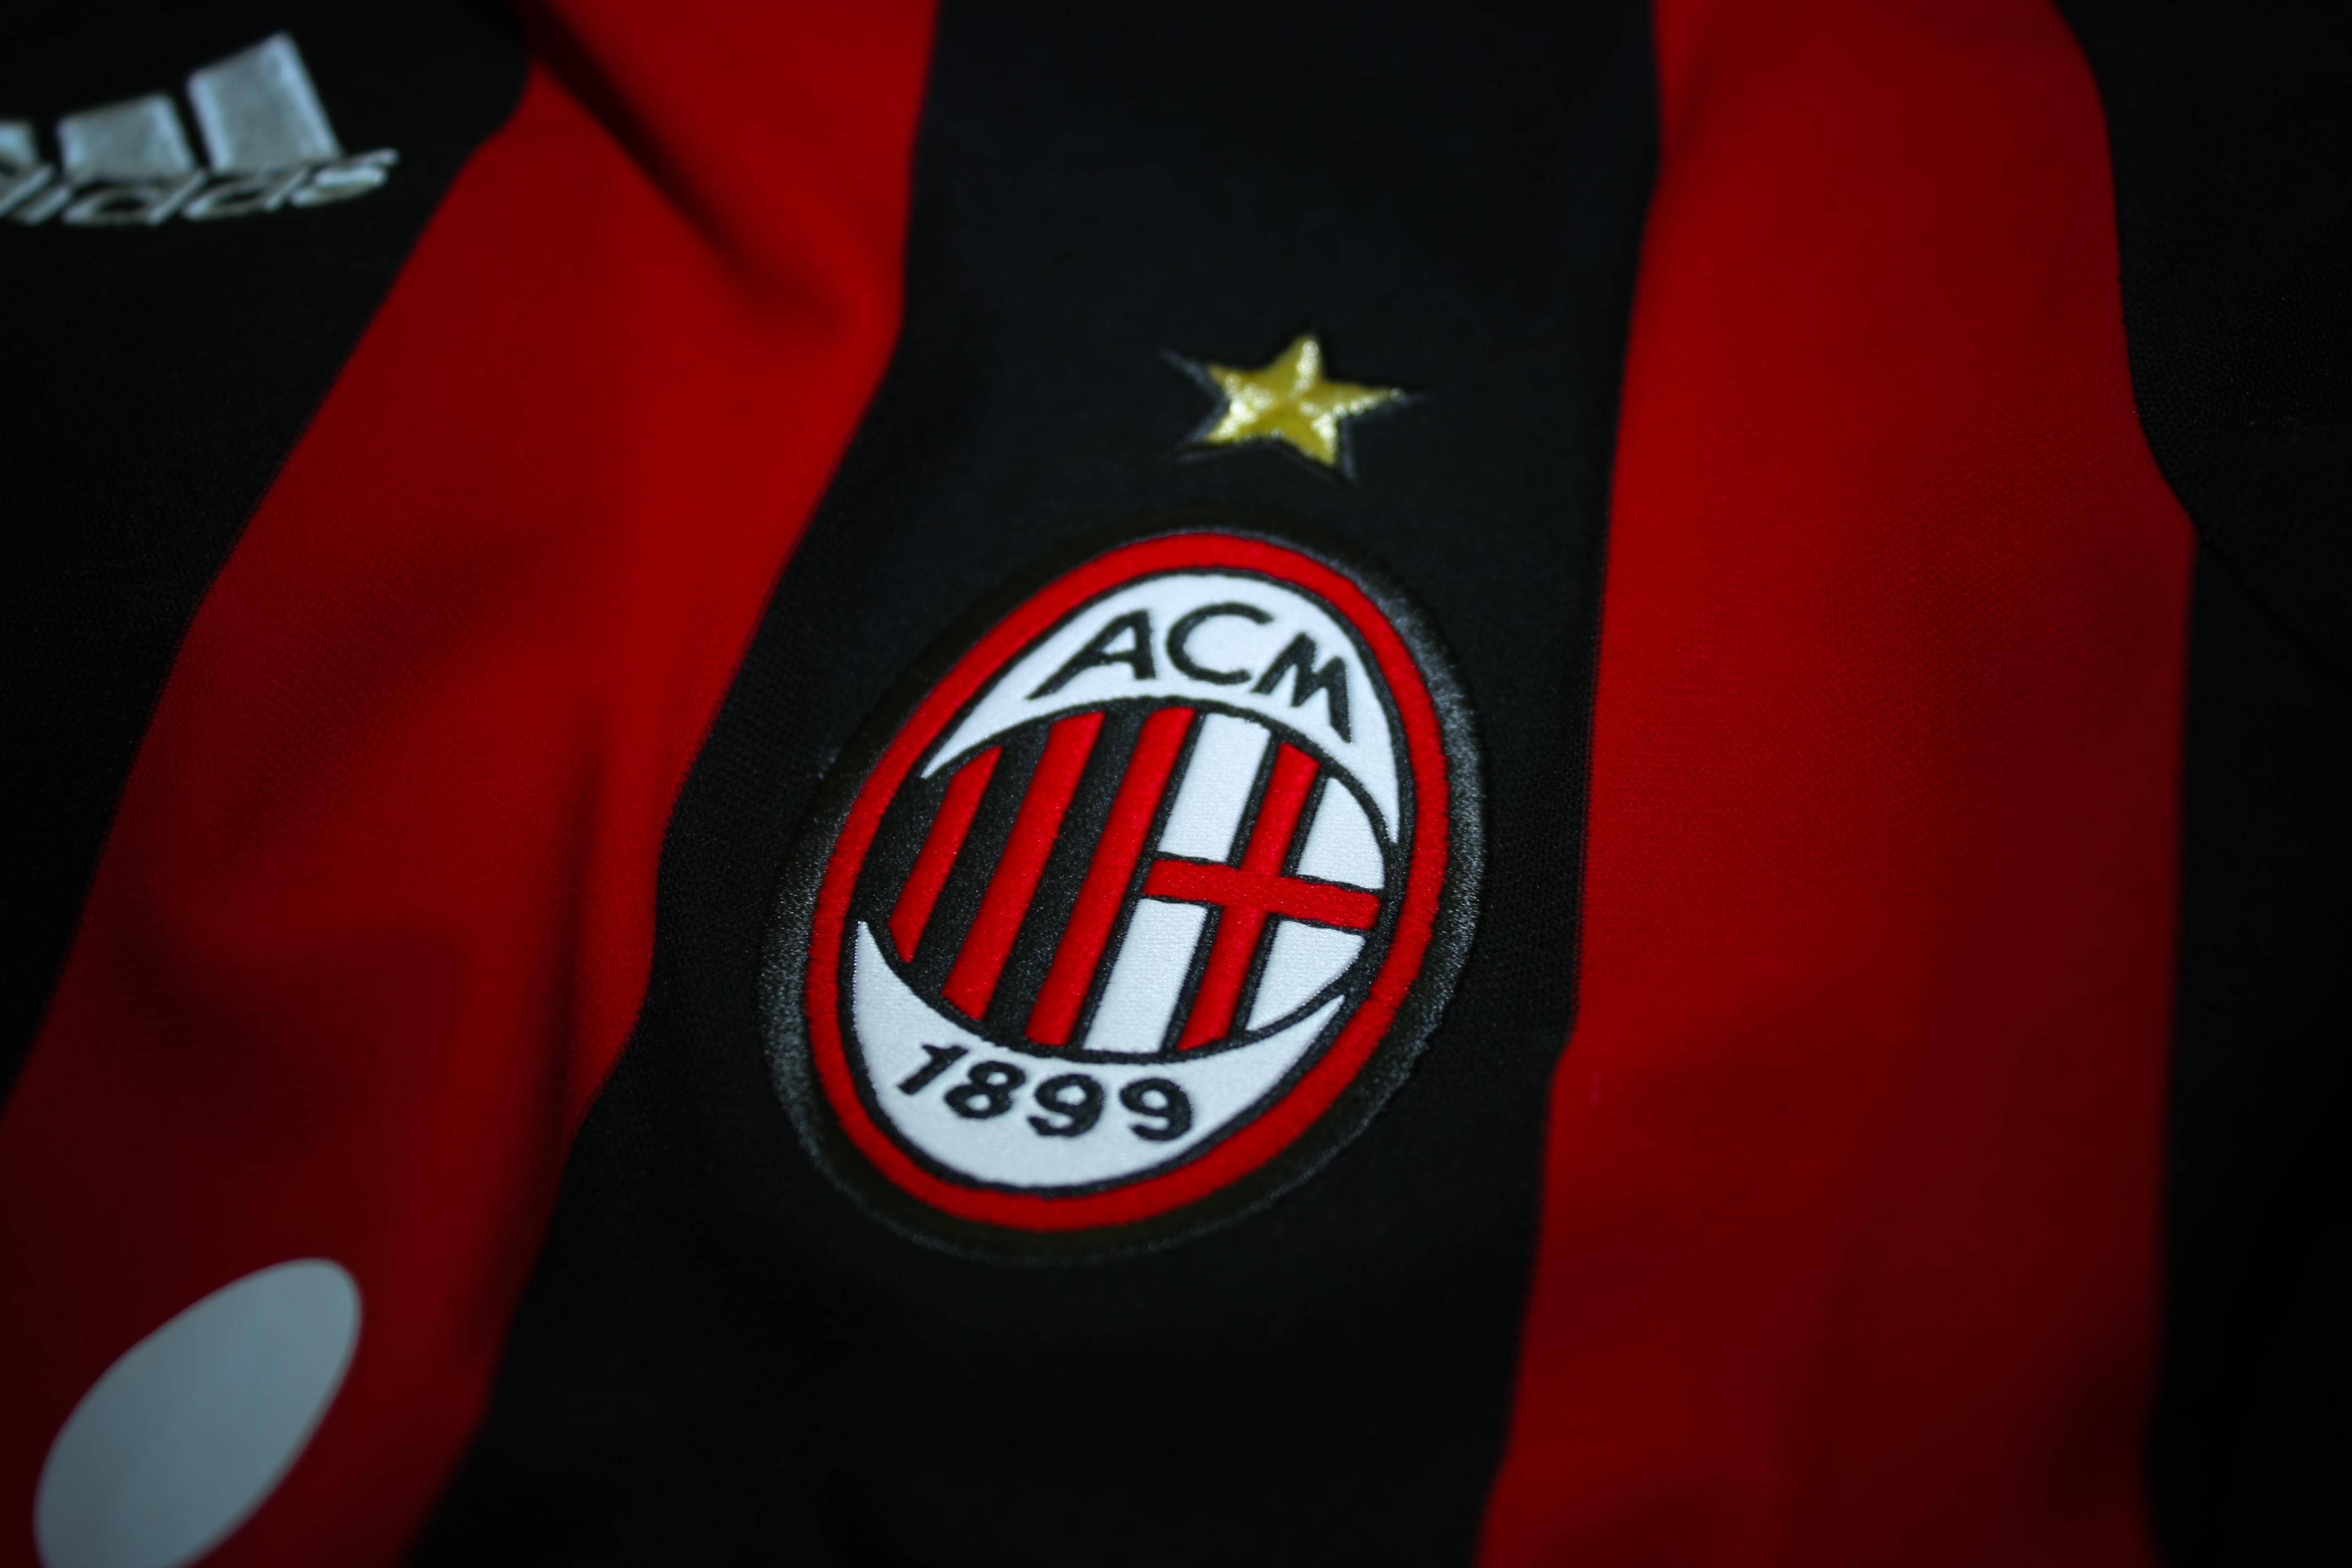 abbigliamento Inter Milanvesti